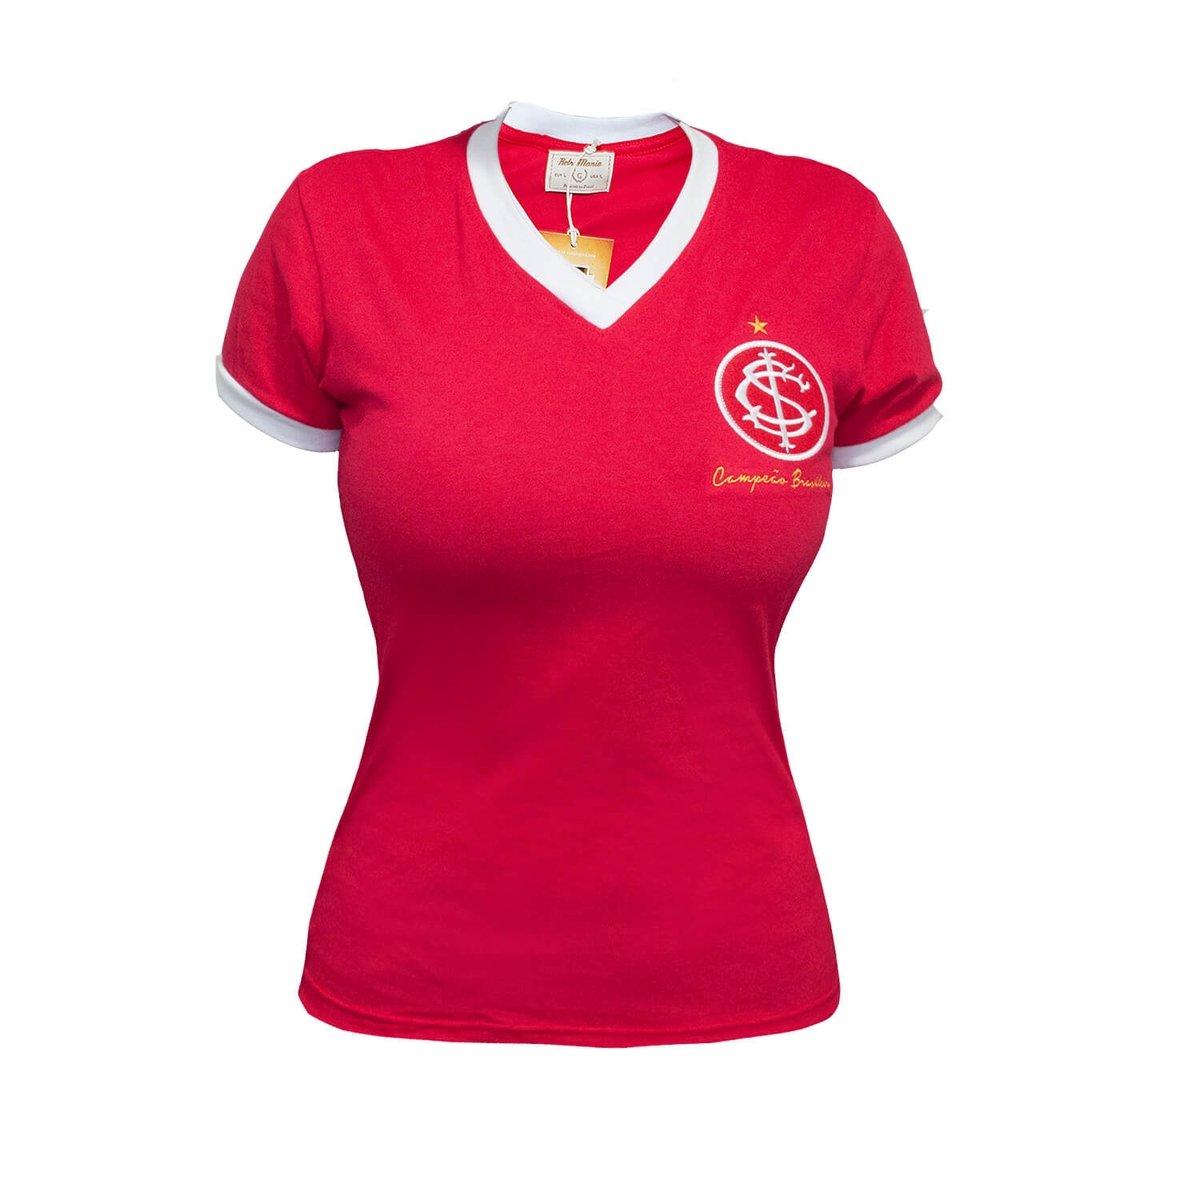 35bbe27ef8 ... Vermelho Retrô Camisa Retrô Camisa Internacional 1975 Mania Feminina  g00qEwZ6a